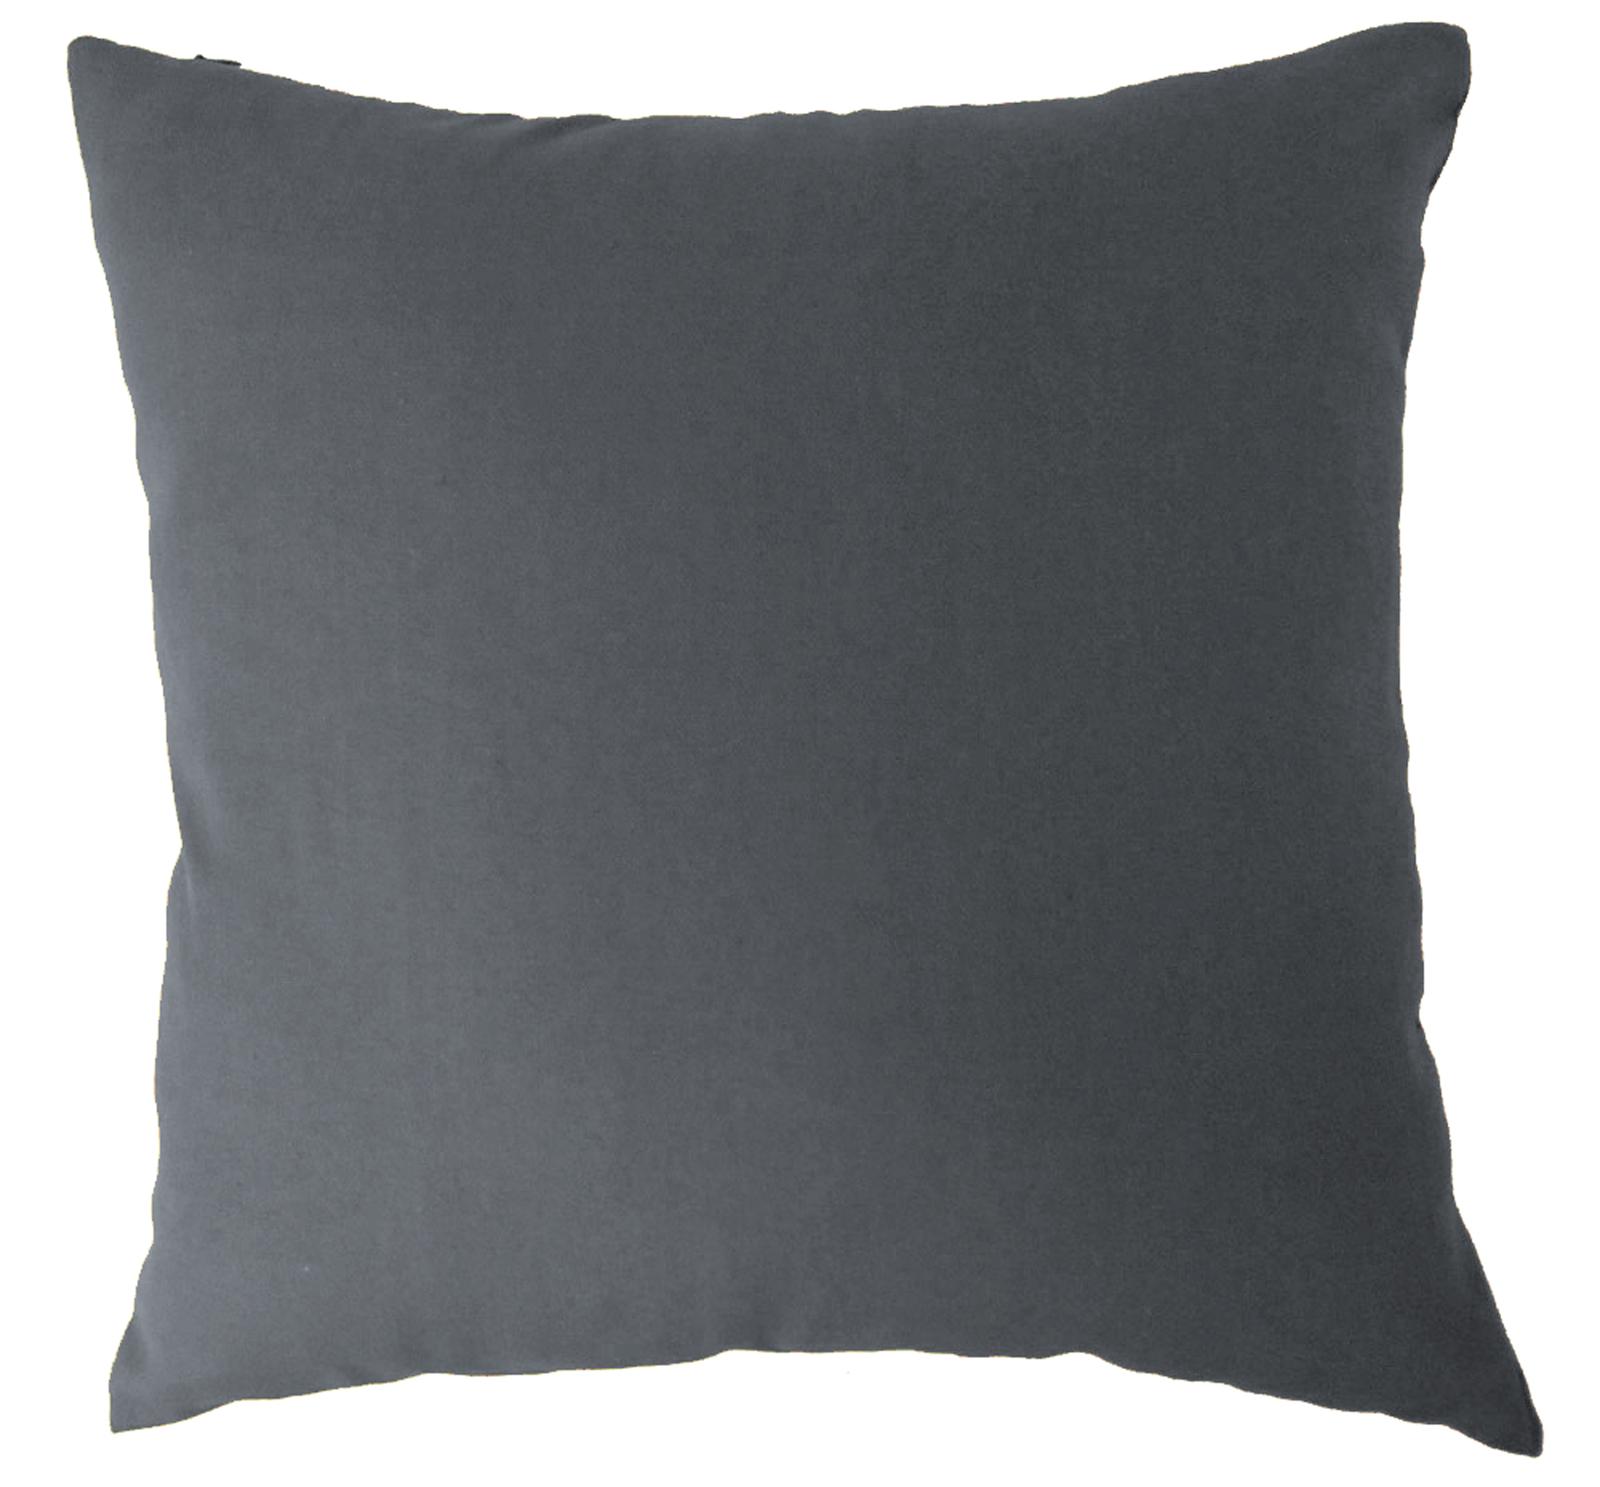 aa White Dark Tone Plain Solid Cotton Canvas Pillow Cushion Cover